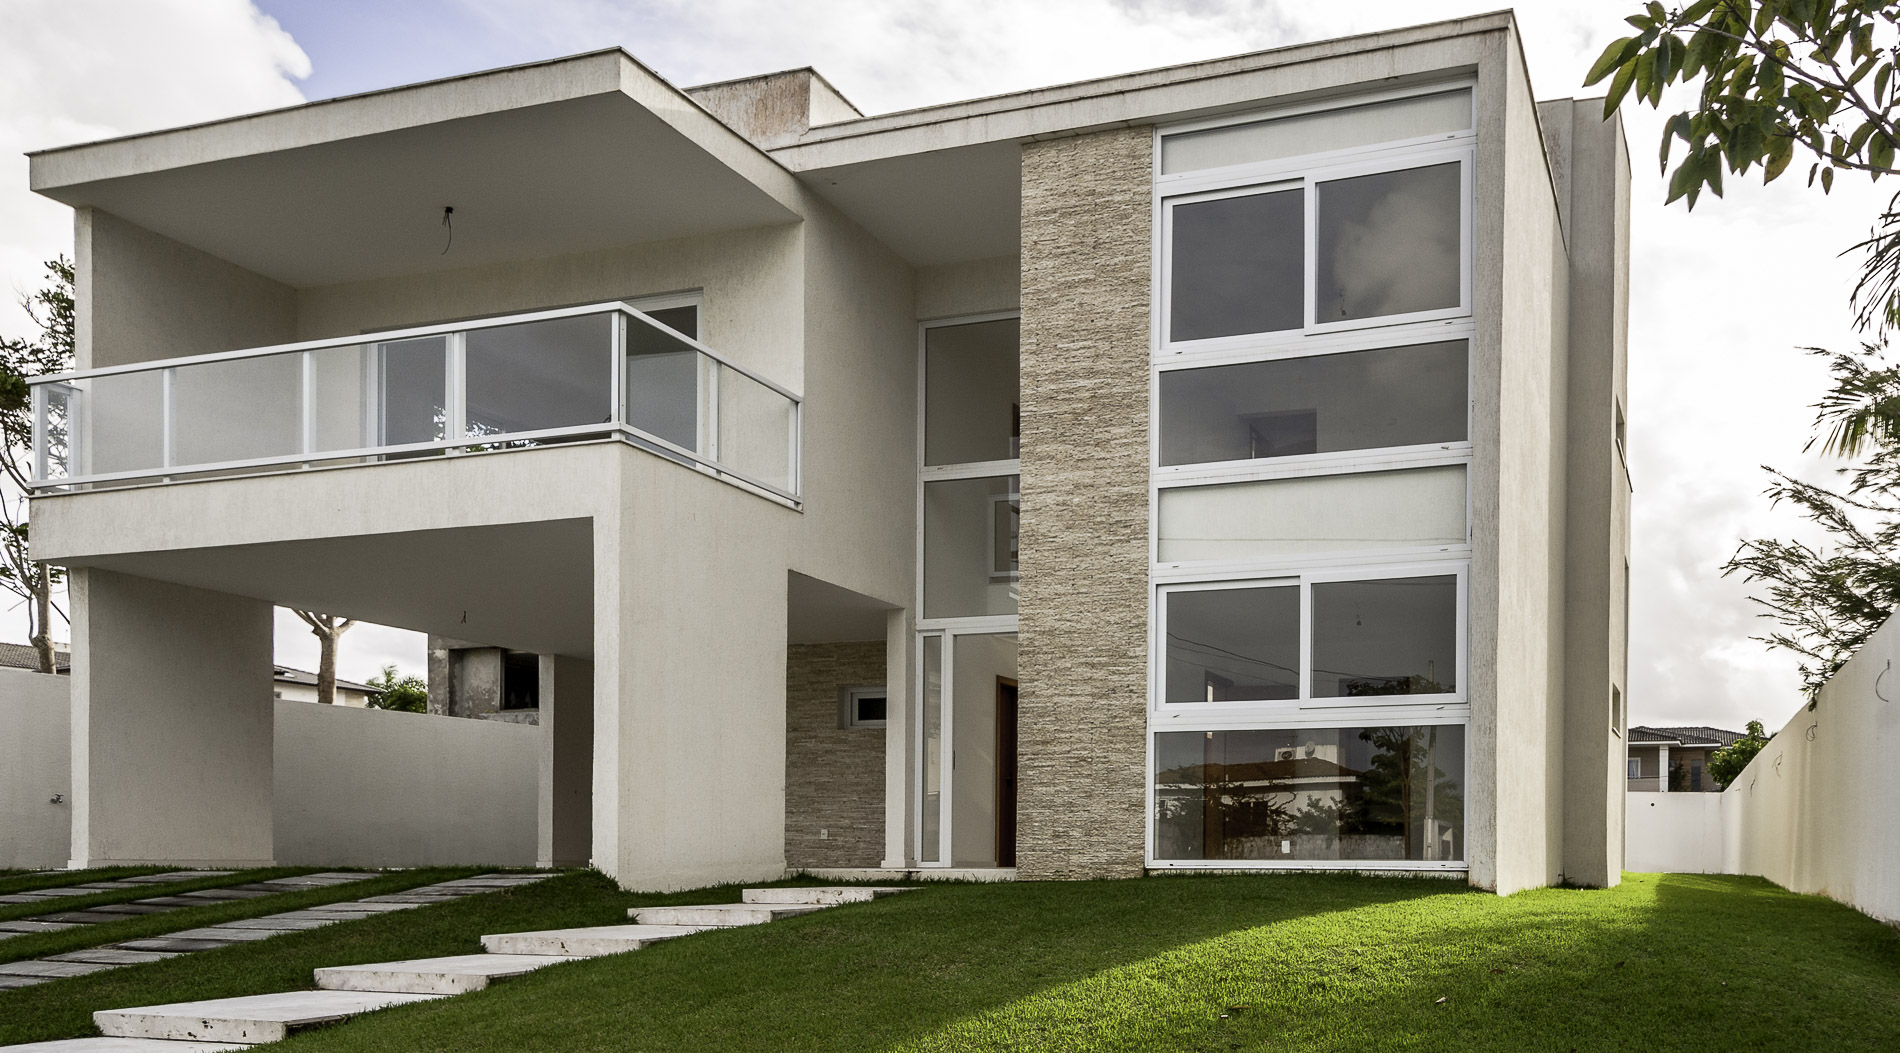 43c2ef175 Nova casa com piscina a venda Alphaville Litoral Norte